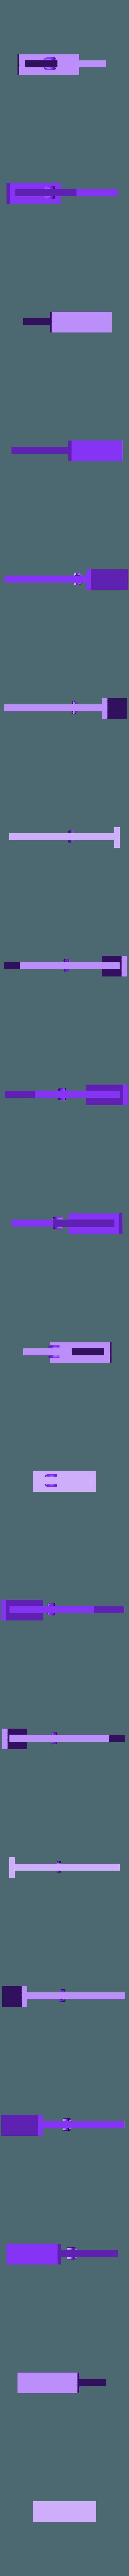 mansion03.obj Télécharger fichier OBJ meubles pour manoir de folie • Modèle pour imprimante 3D, 3DRune